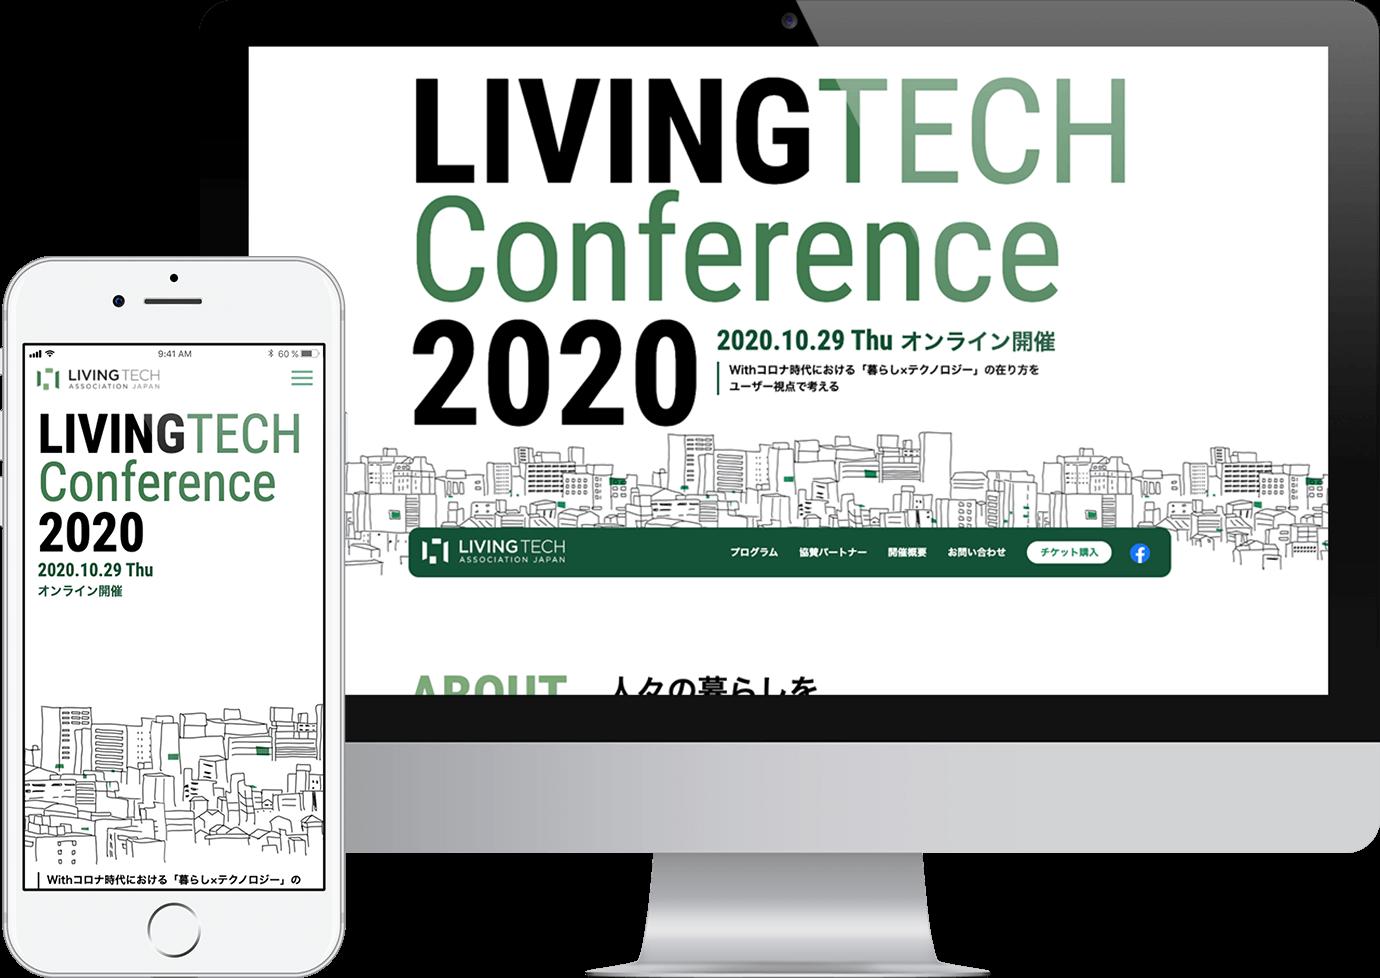 LIVINGTECHConference2020の特設ページイメージ